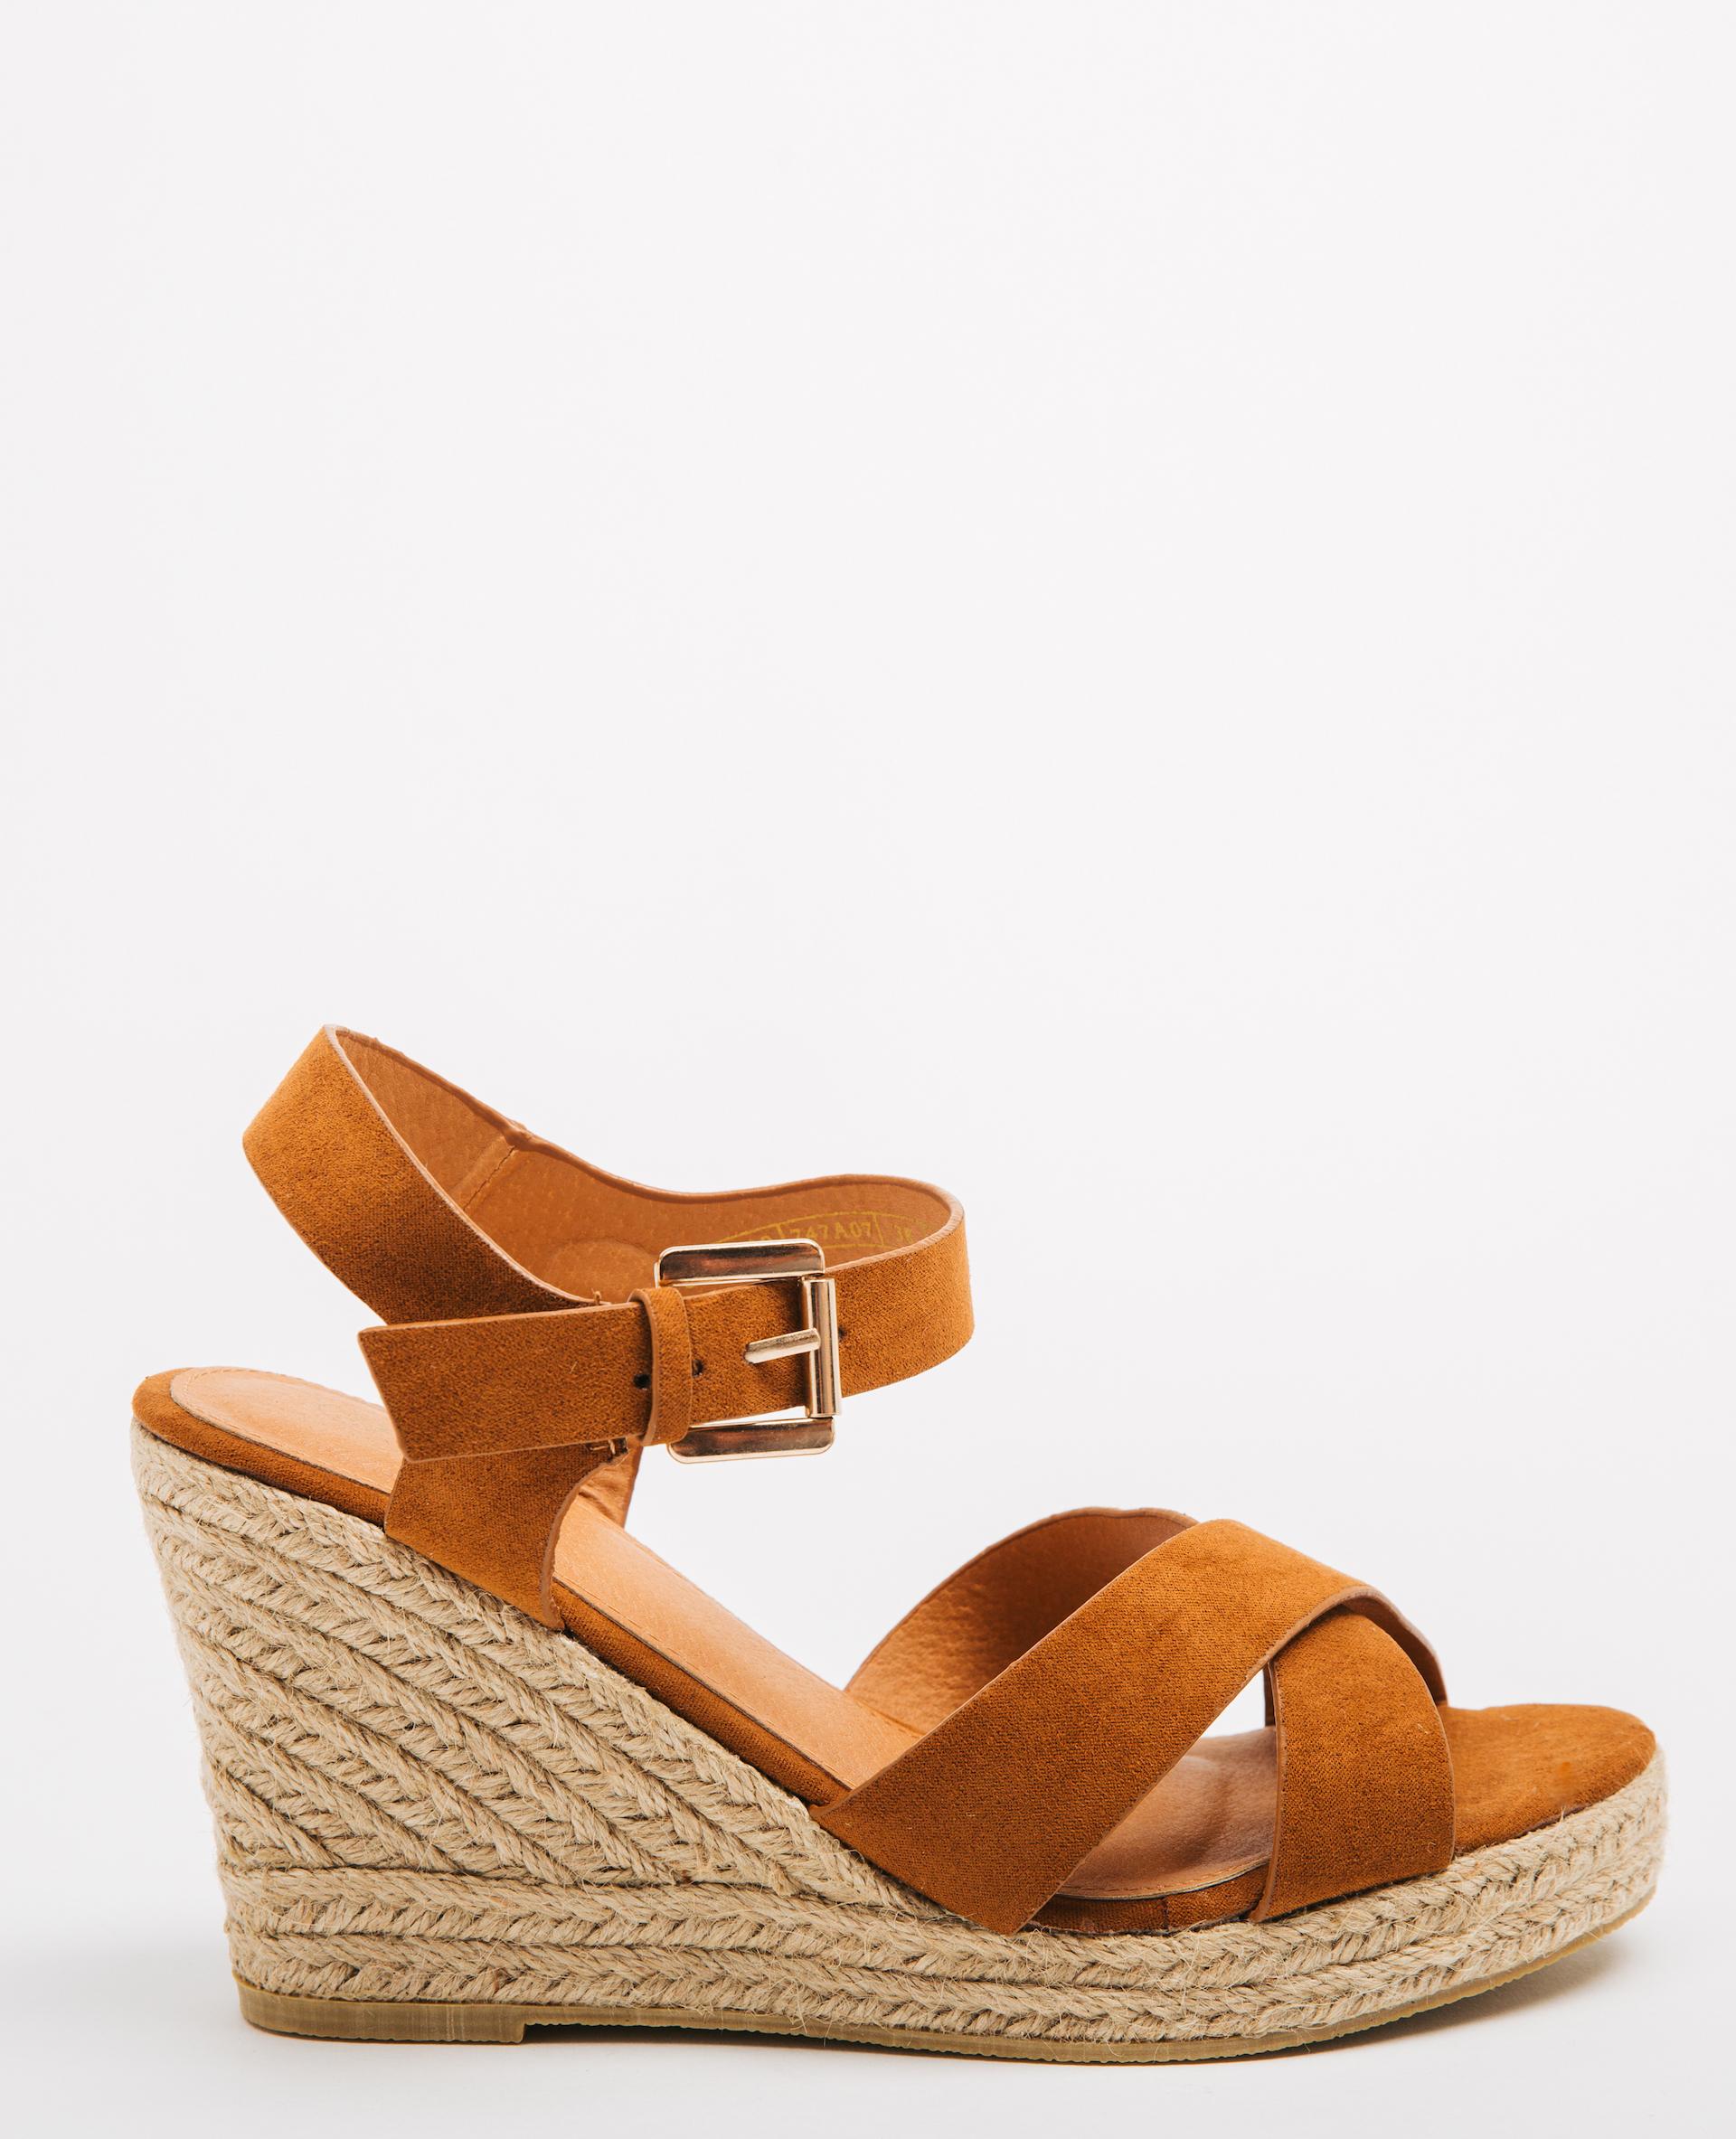 Sandales Compensées Marron 902539747a07 Pimkie